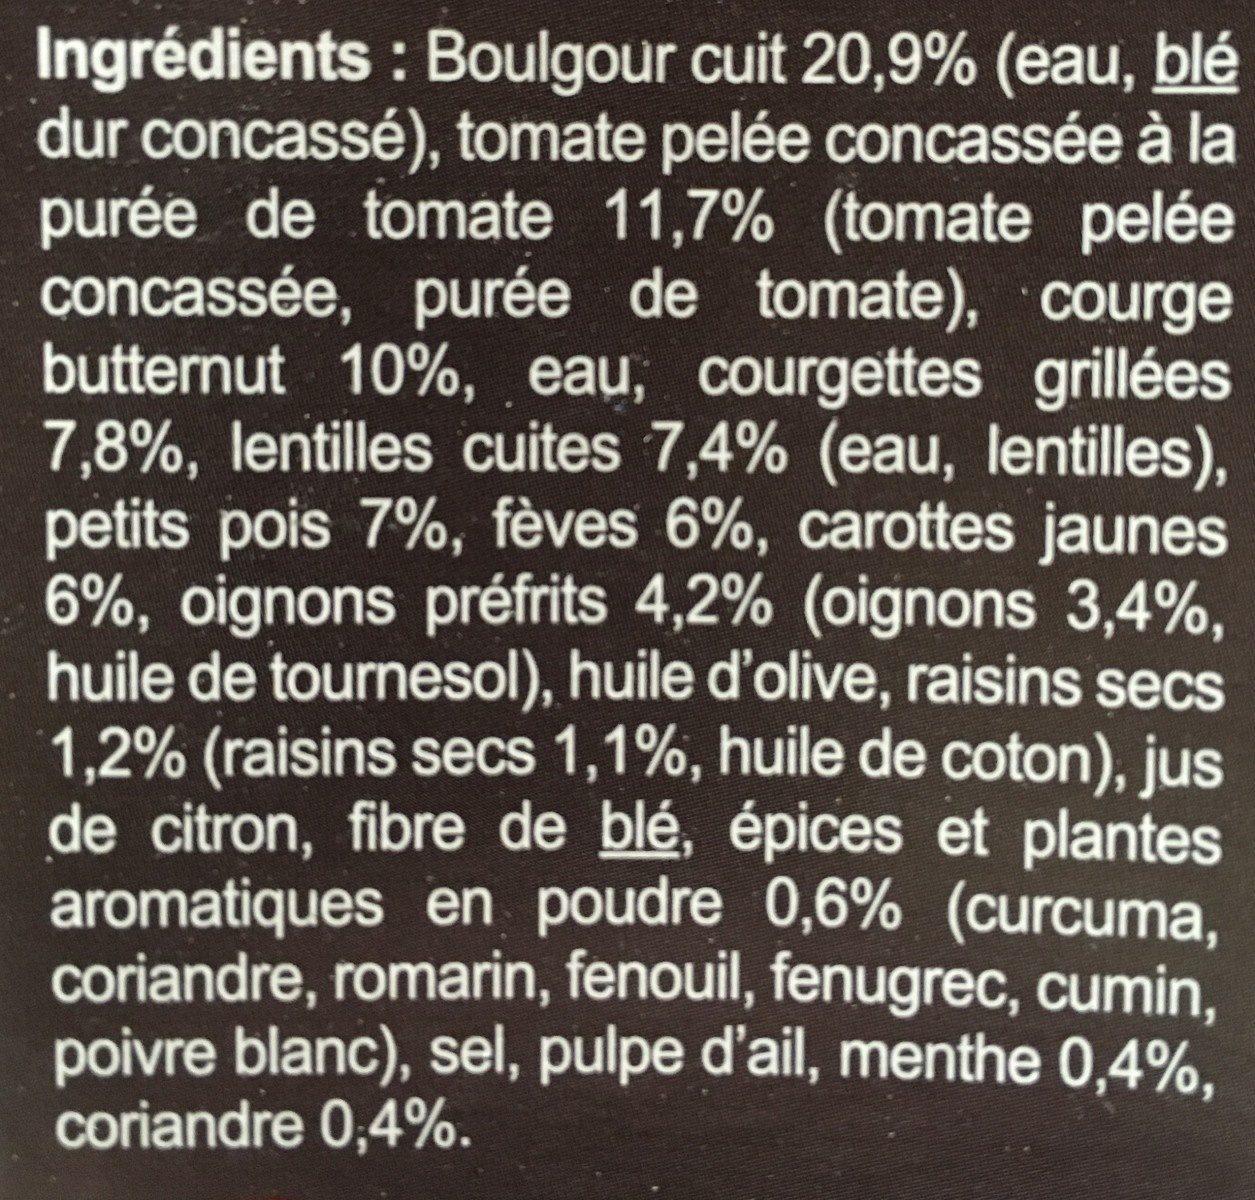 Boulgour  Butternut et fève à l'orientale - Ingrédients